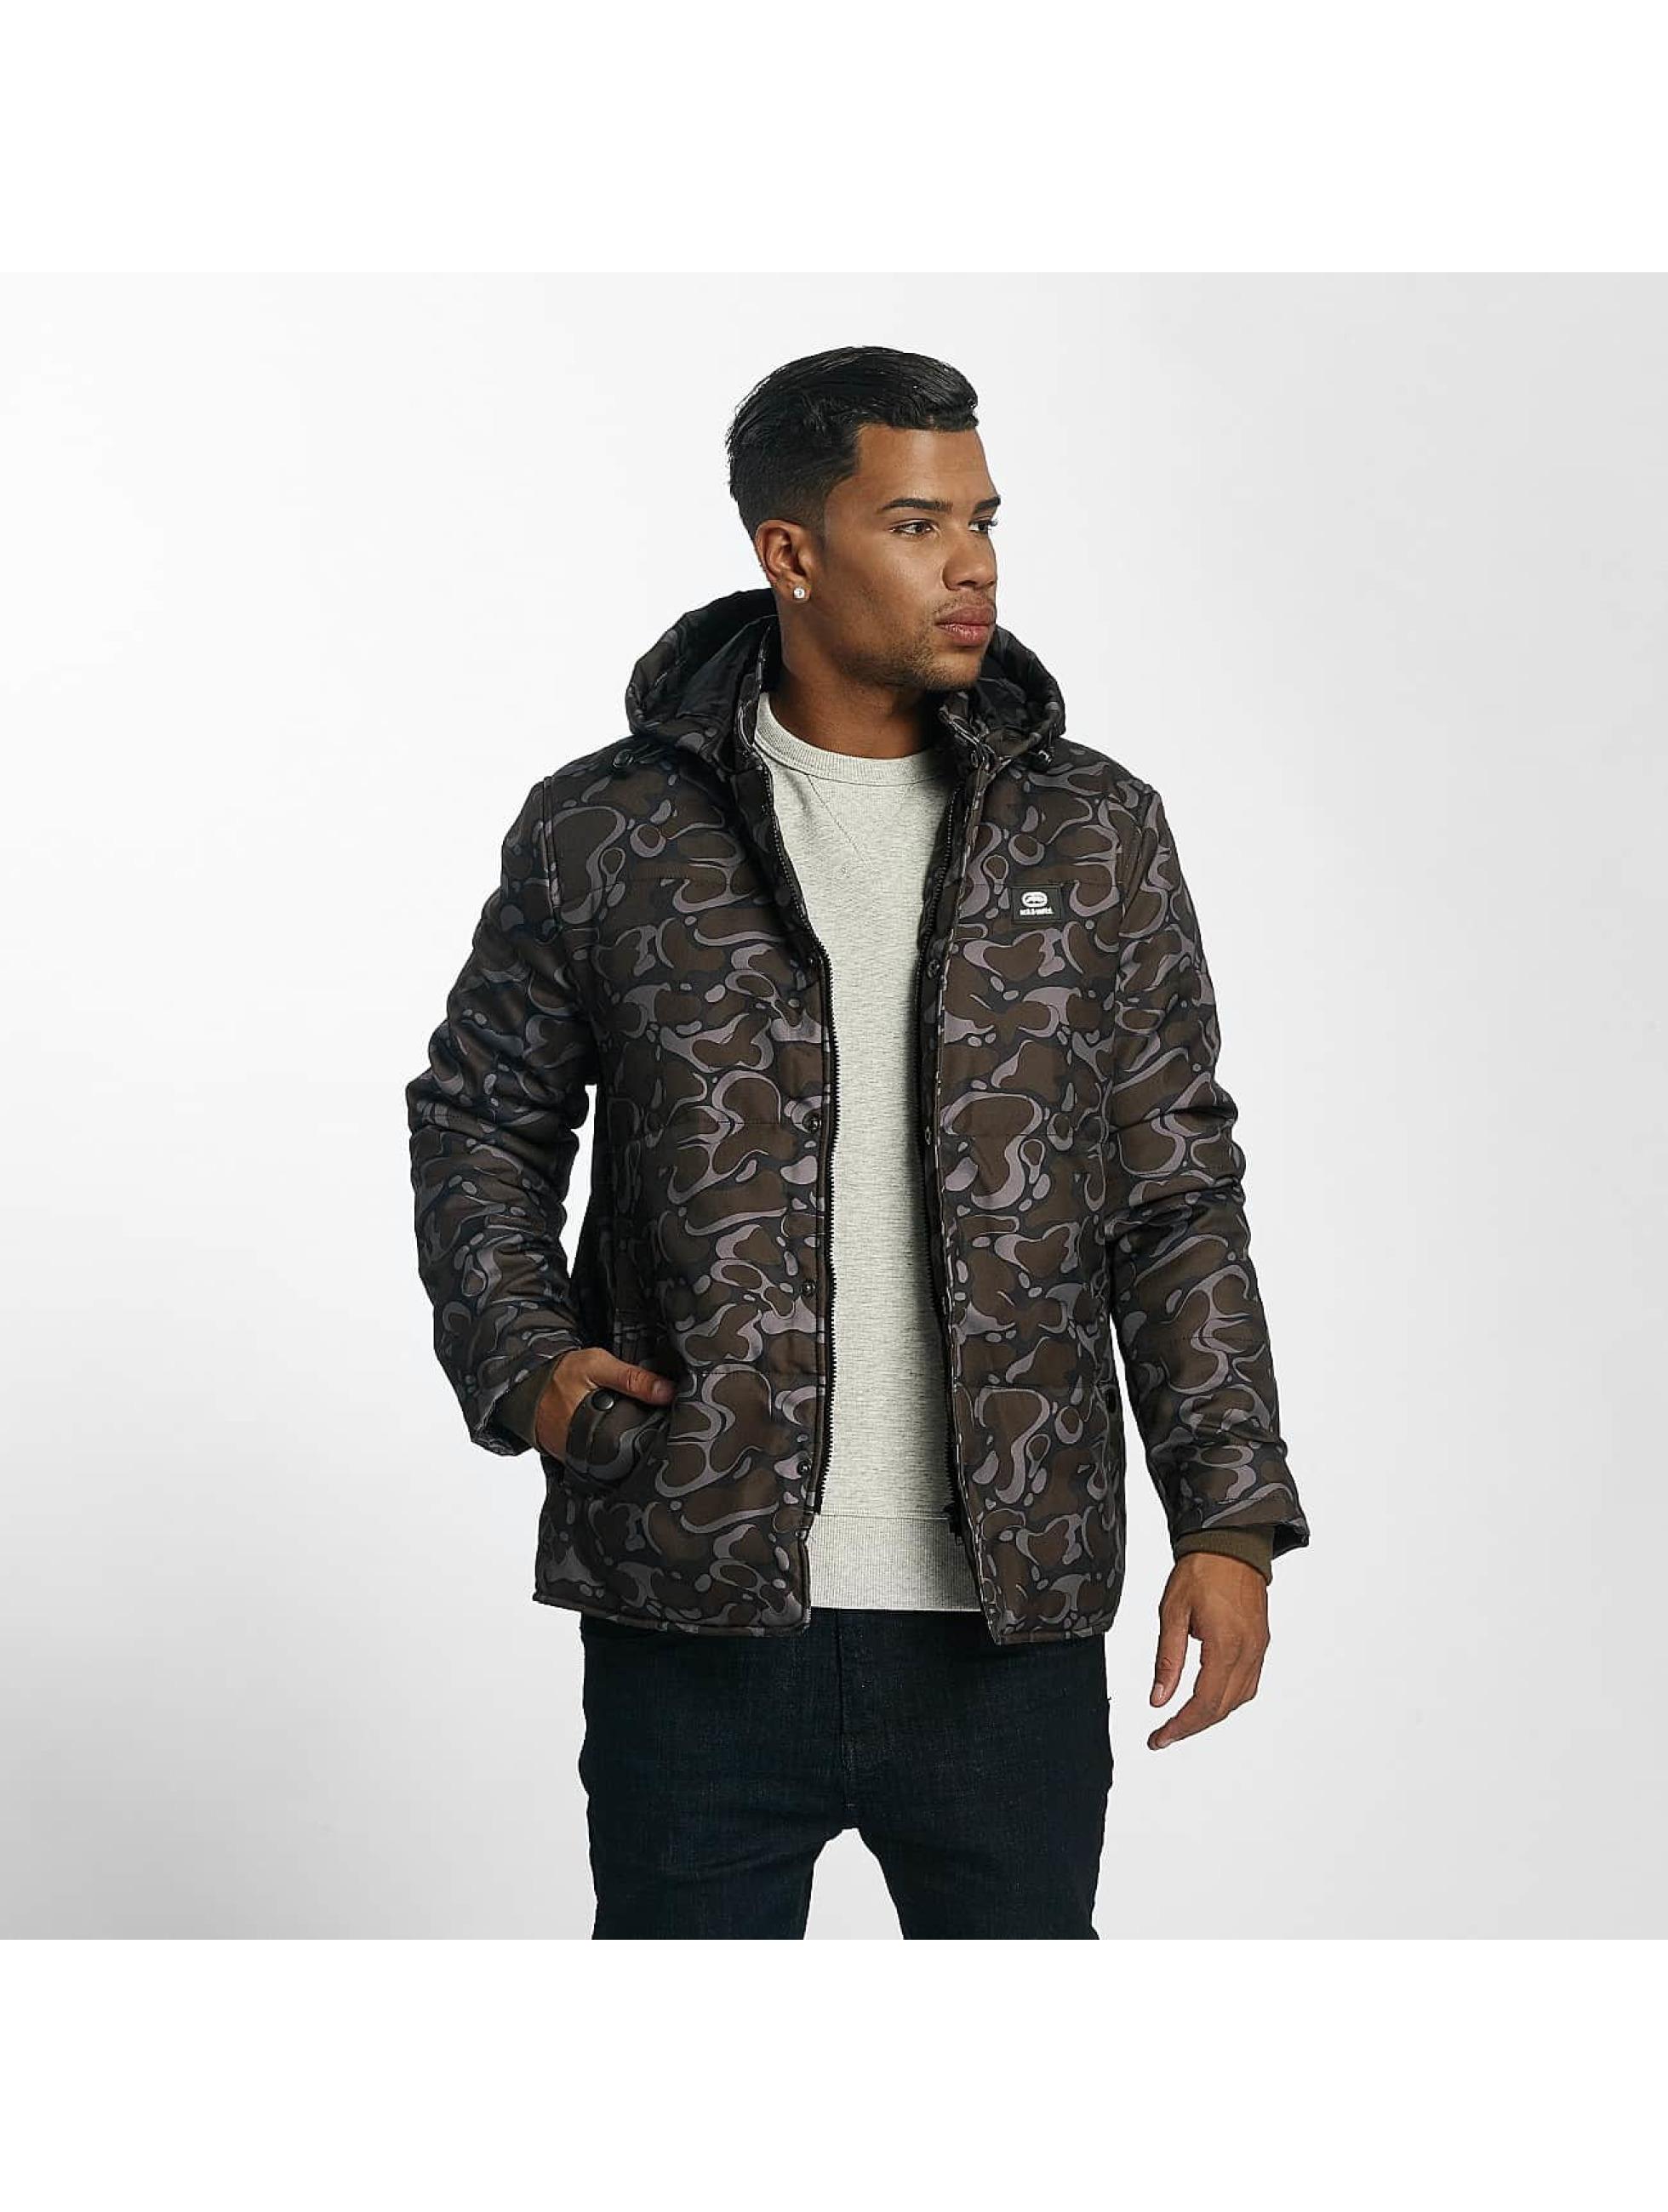 Ecko Unltd. / Winter Jacket Jack in camouflage M